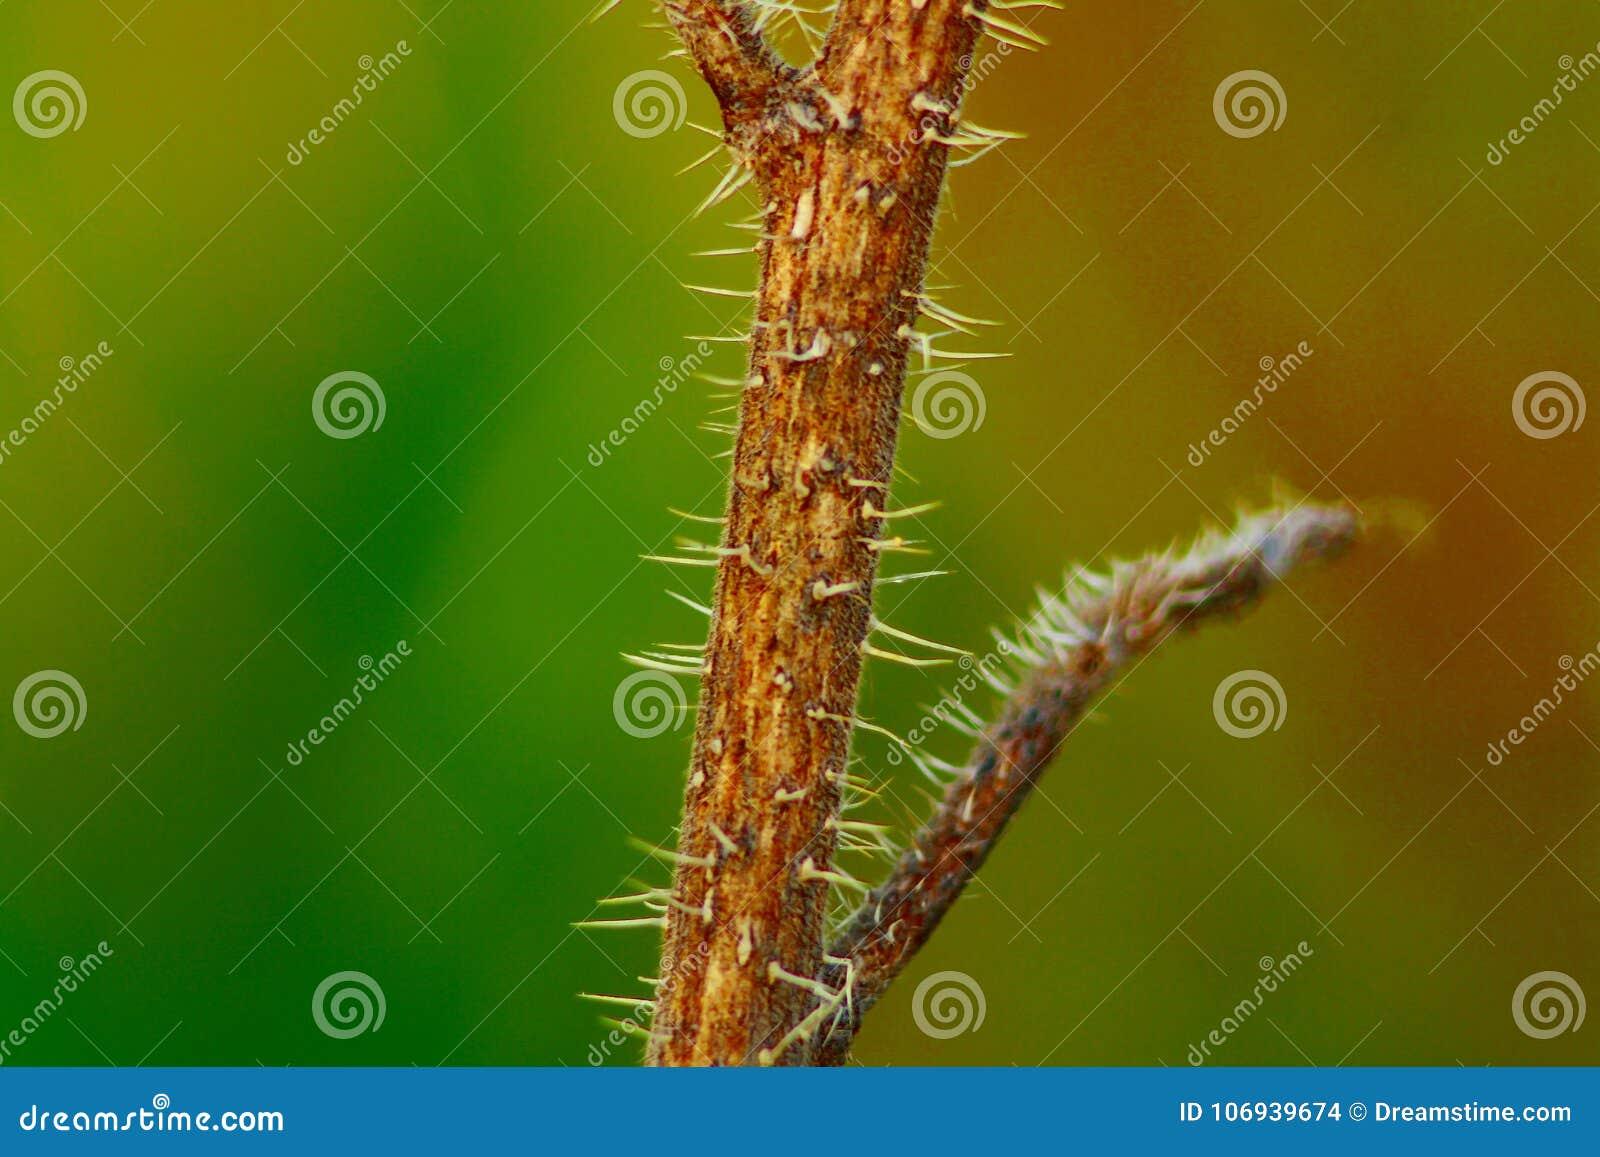 årlig gräs- växt som är typisk av den italienska halvön